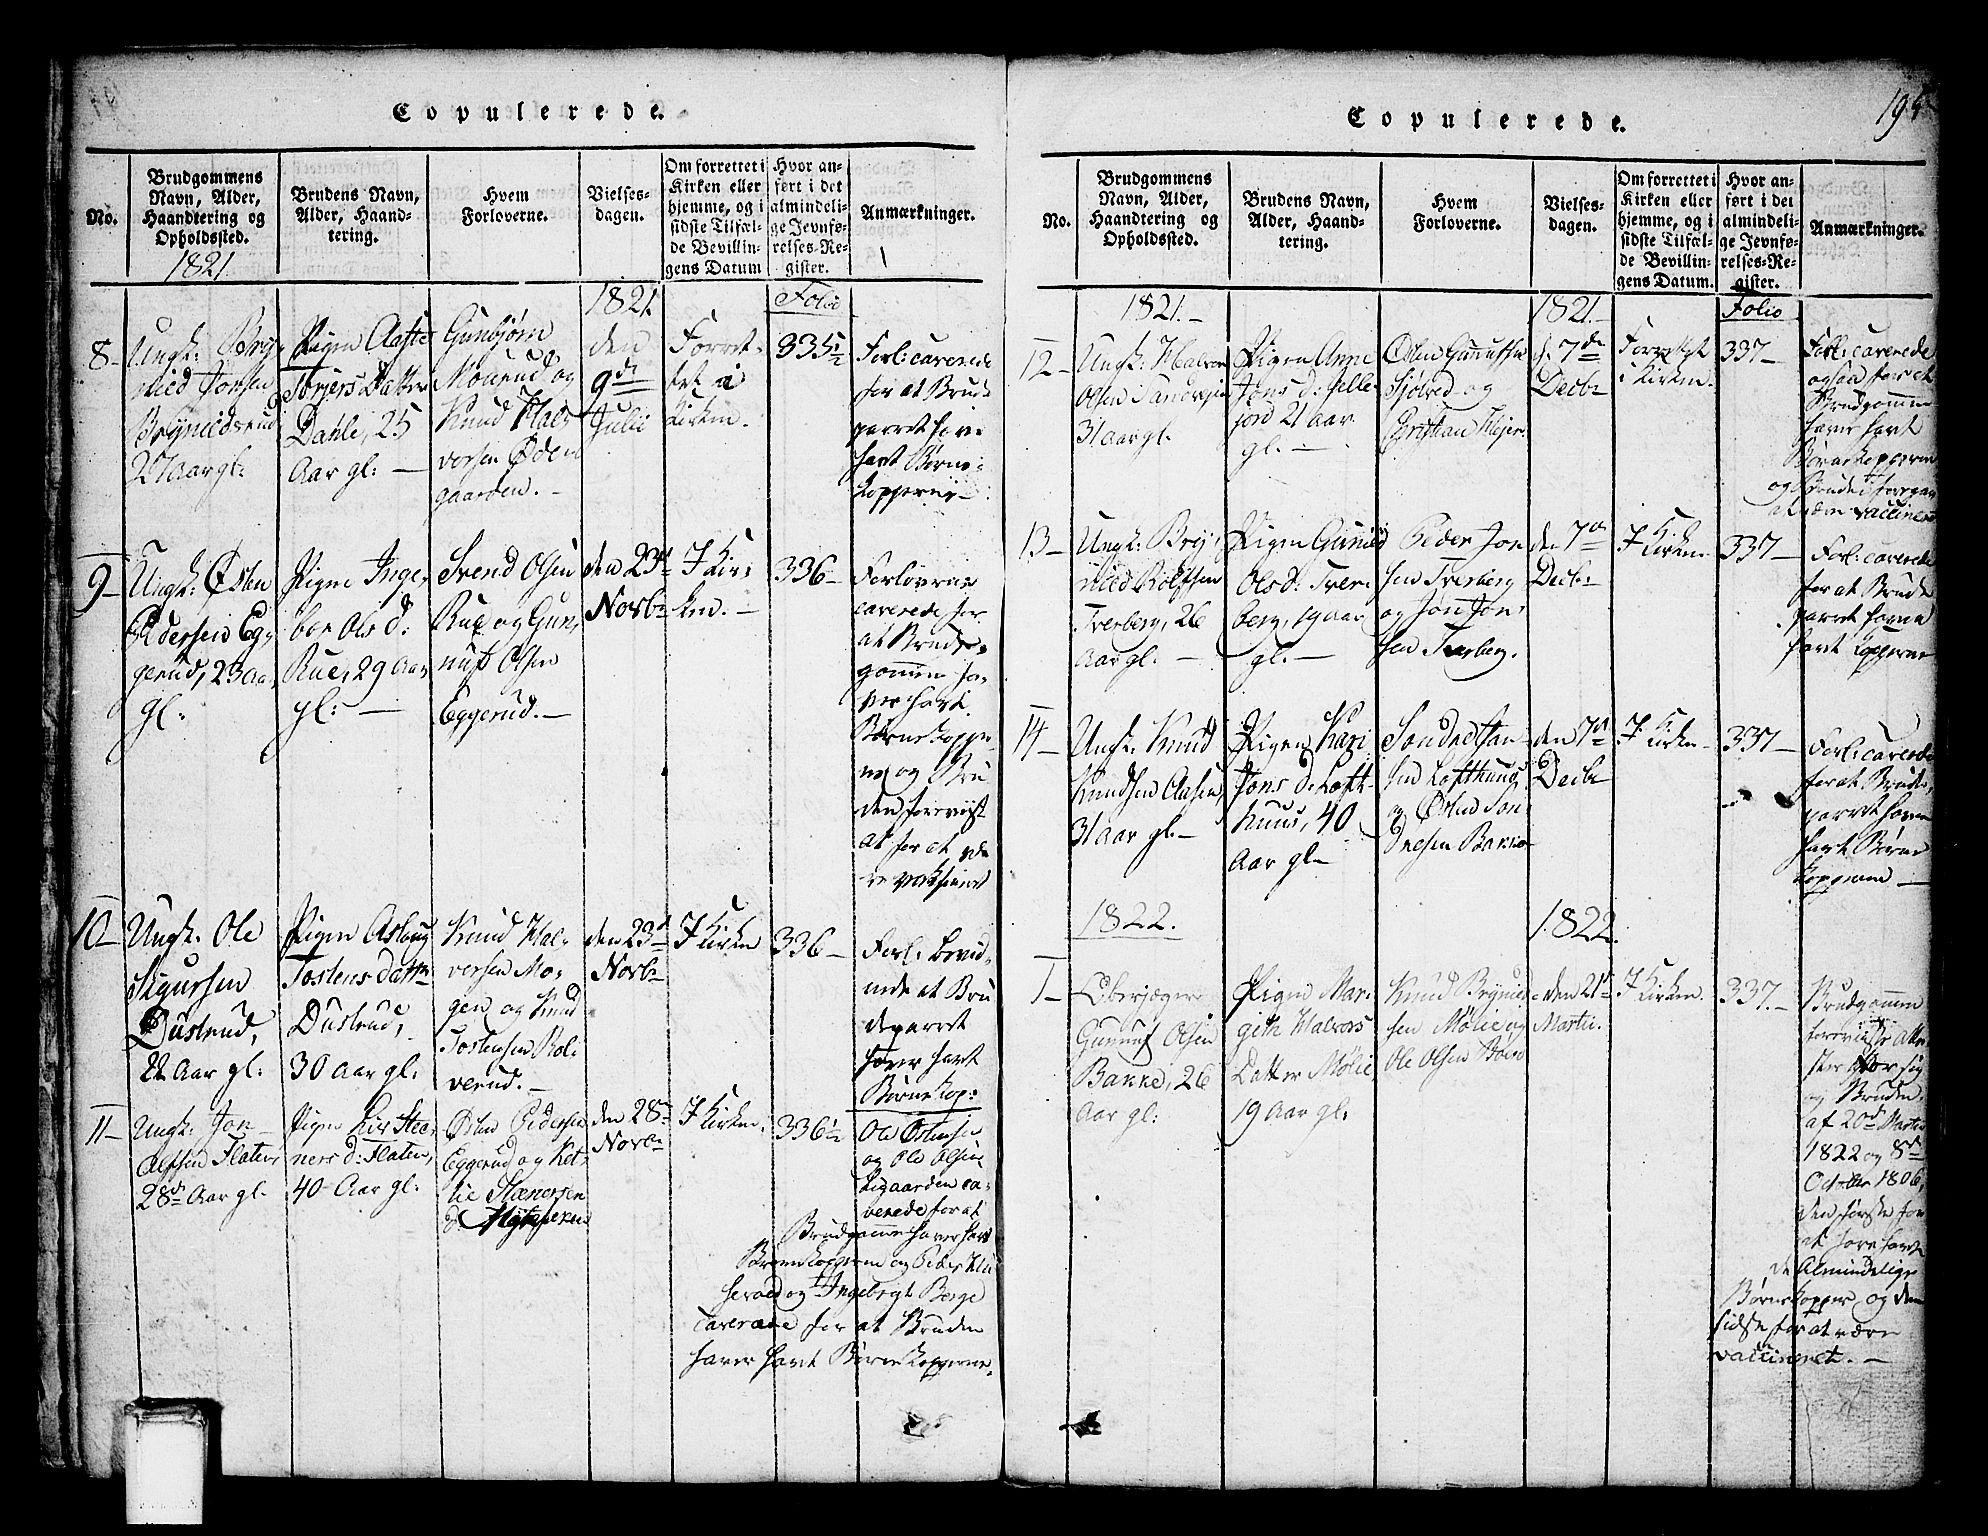 SAKO, Tinn kirkebøker, G/Ga/L0001: Klokkerbok nr. I 1, 1815-1850, s. 195